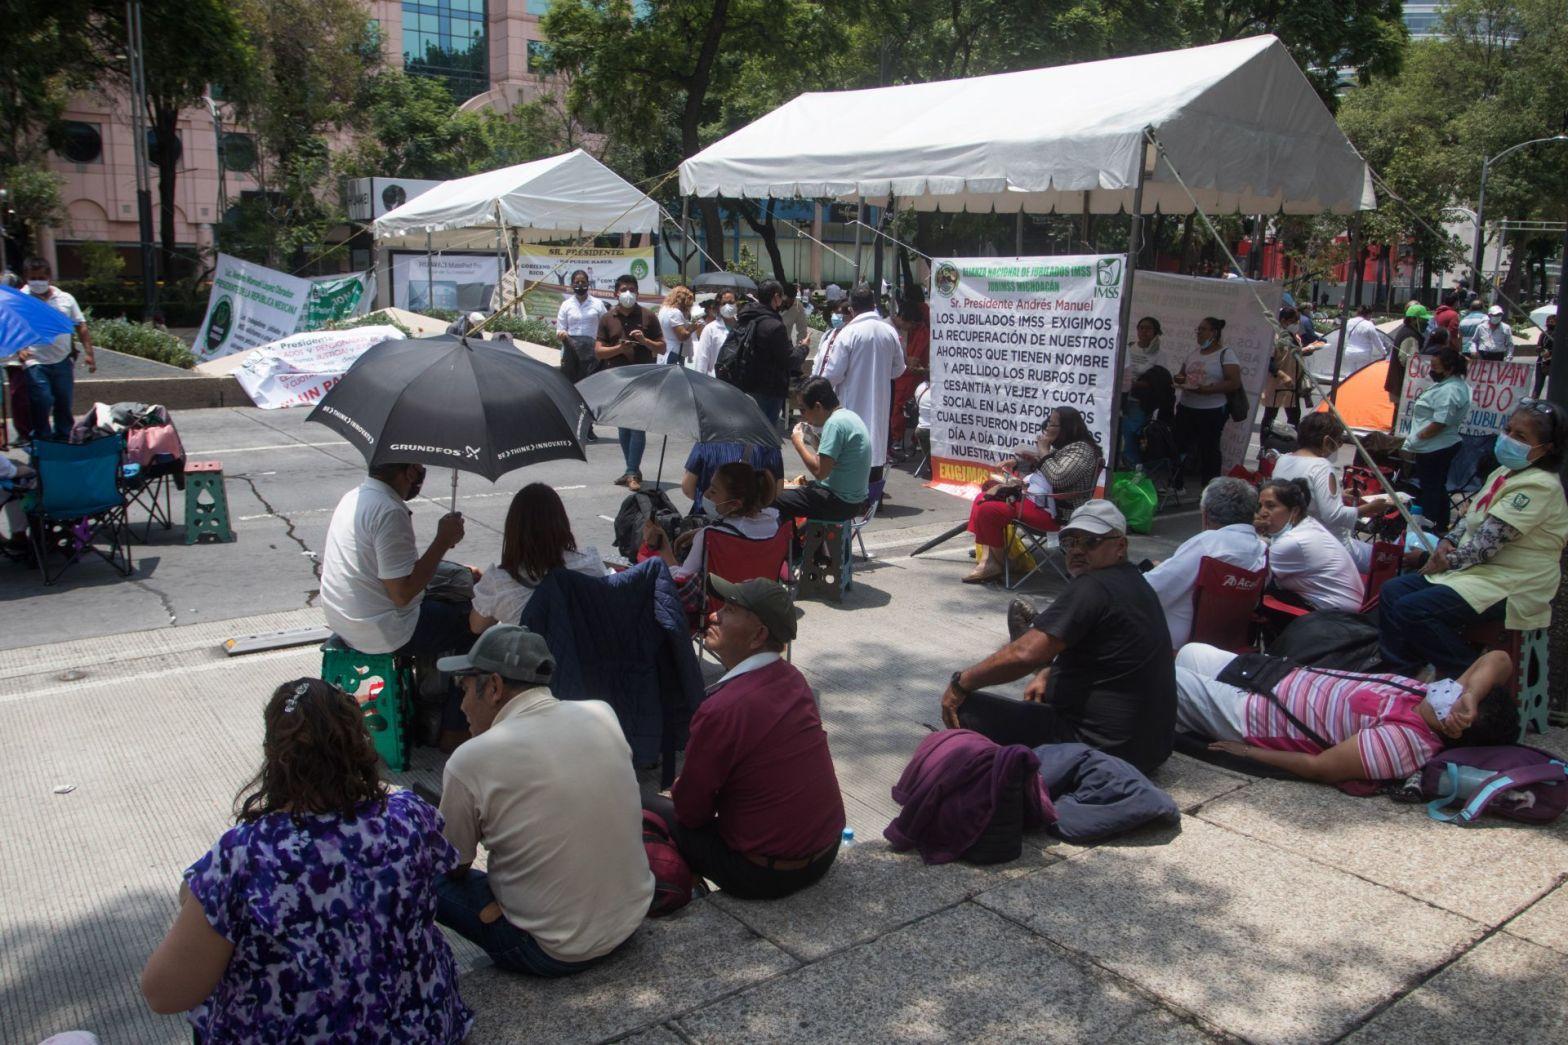 Jubilados del IMSS mantienen un bloque sobre avenida Reforma para exigir que se les regrese el dinero de sus ahorros de más de 27 años, el cual esta depositado en su afore pero no está reflejado